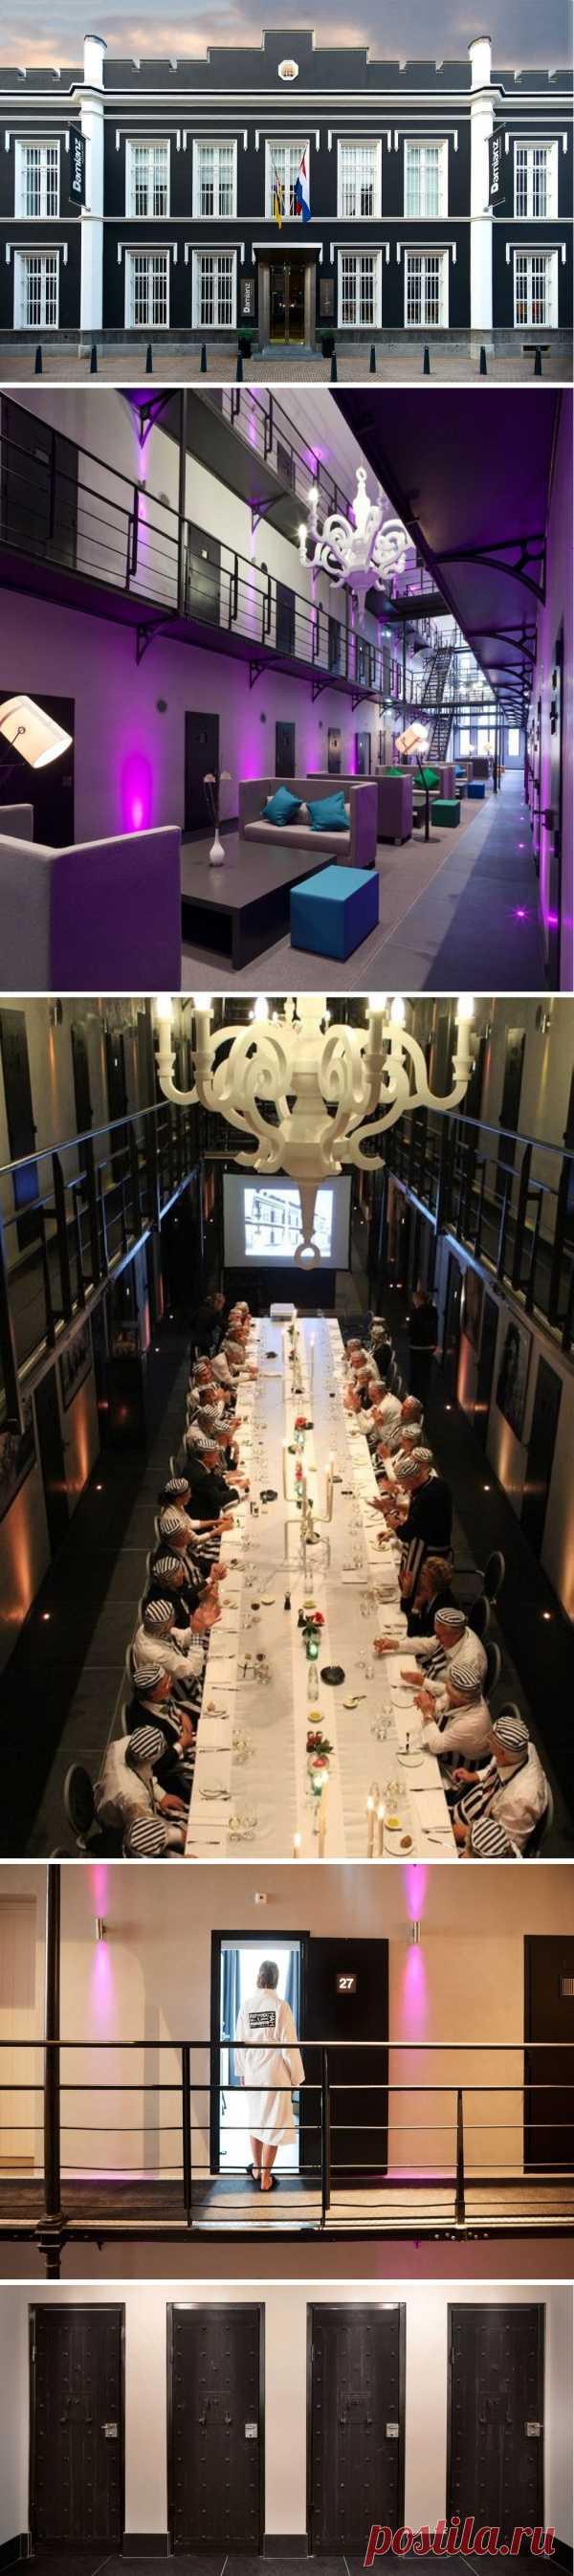 Хотите в тюрьму? Платите! Тюремный отель класса люкс - Het Arresthuis, Нидерланды